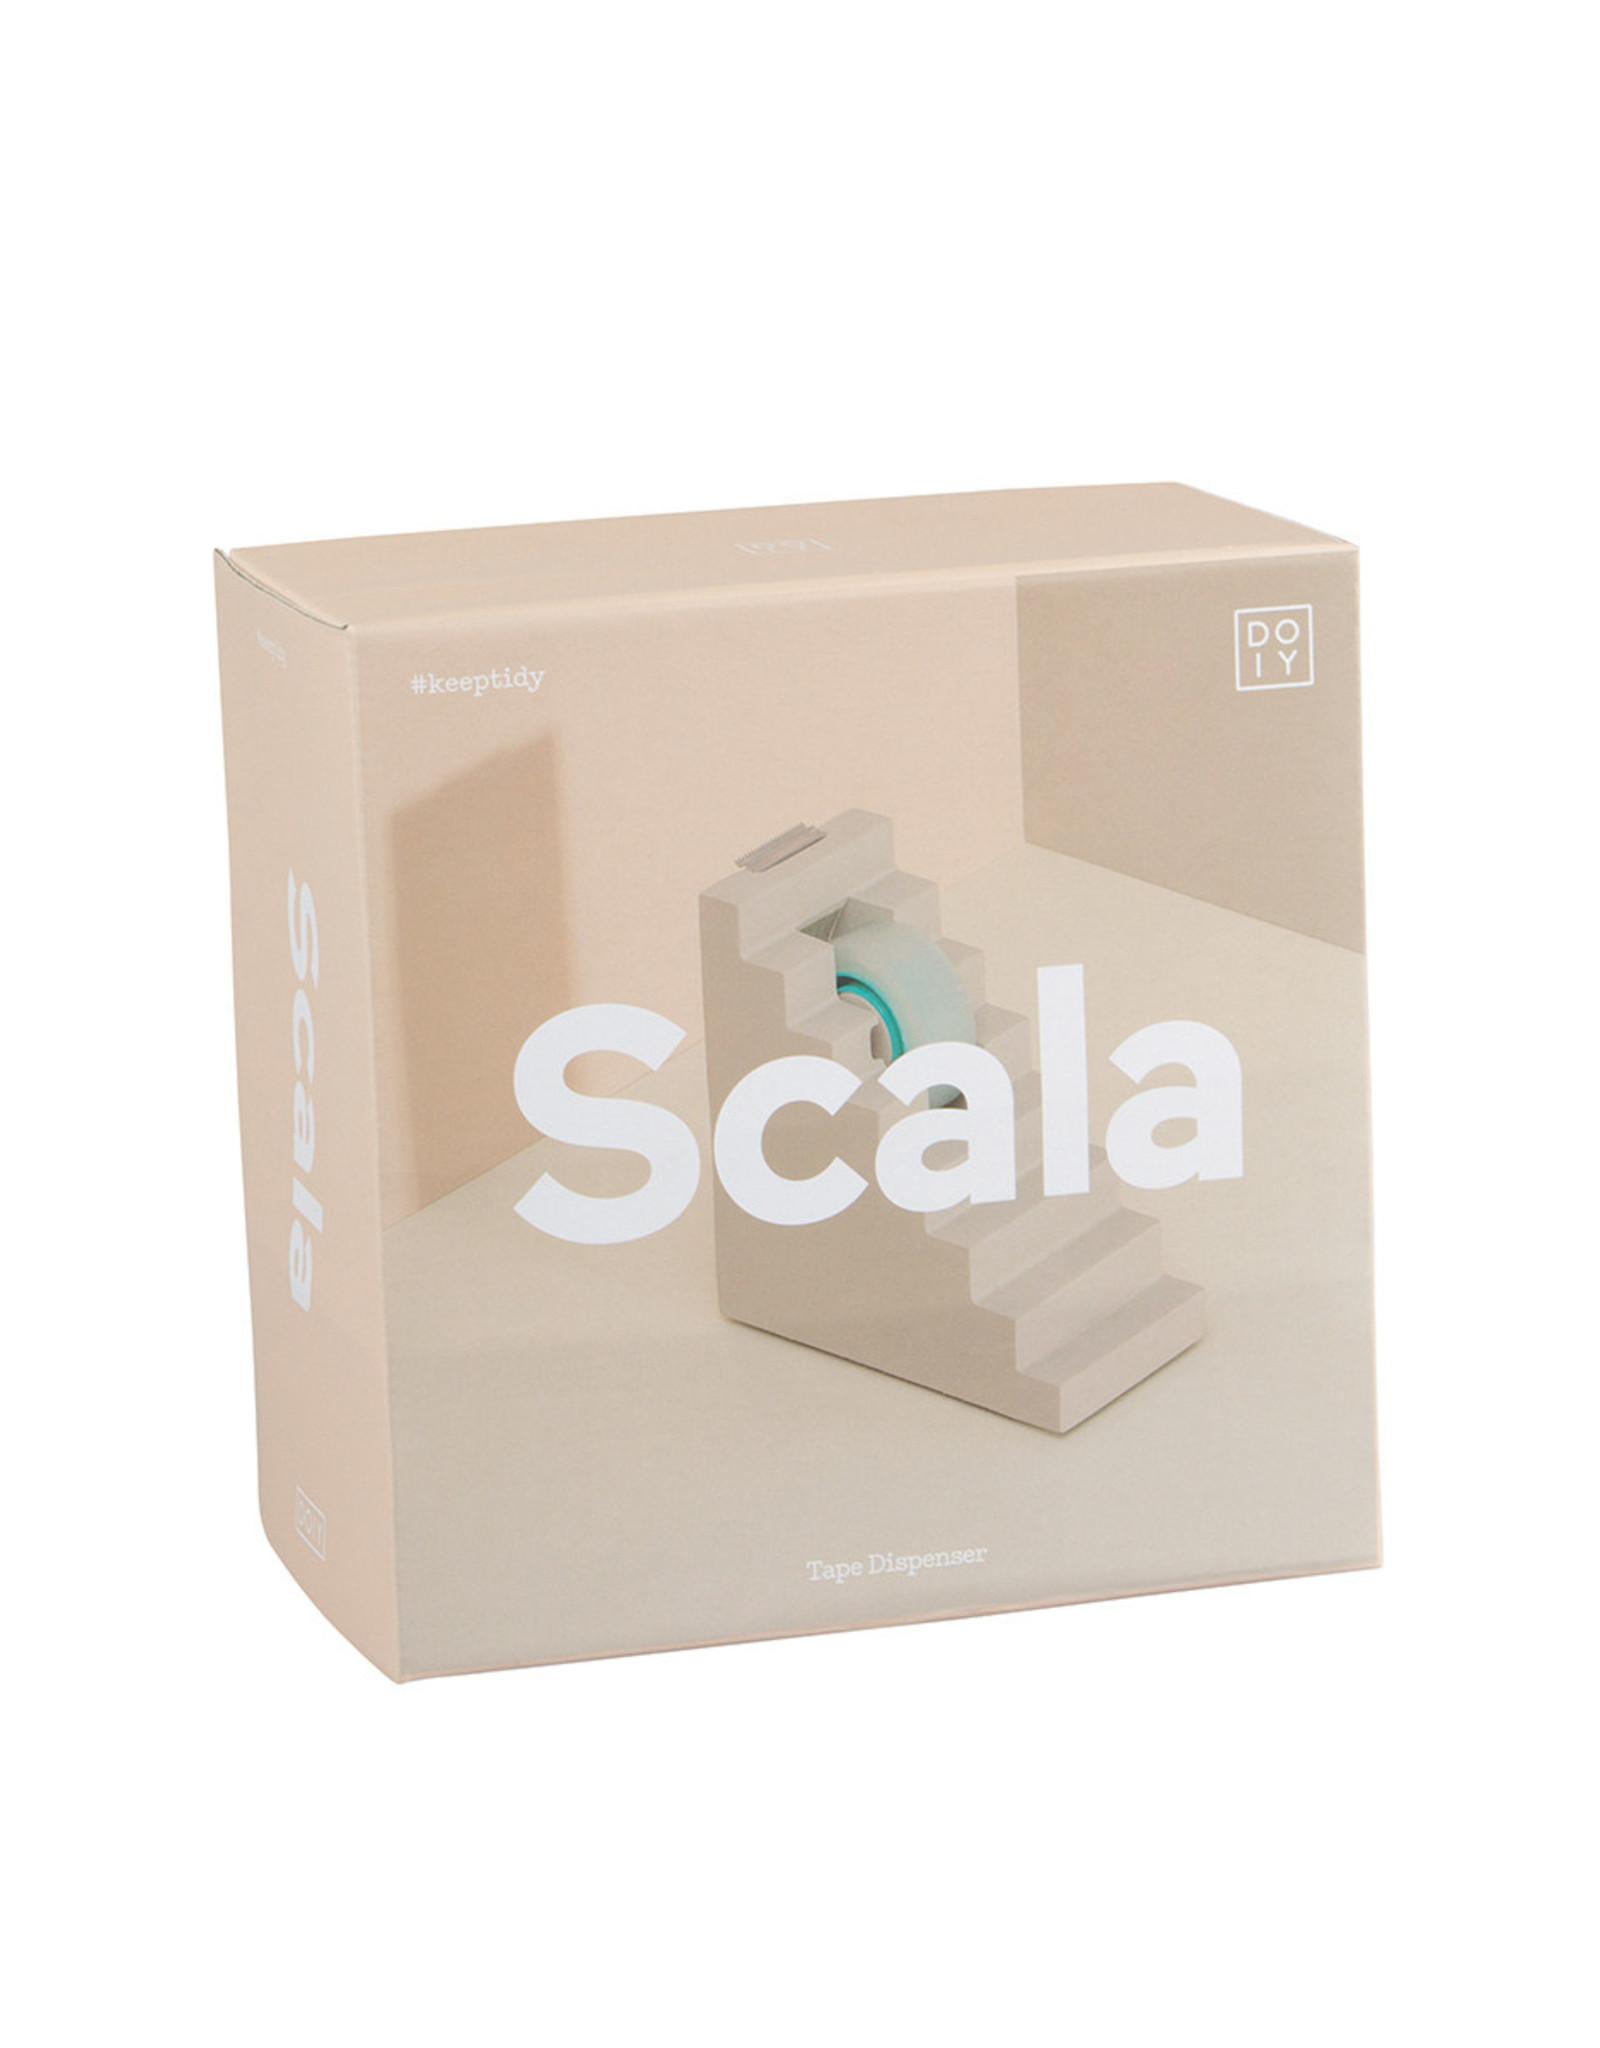 Doiy Scala Tape Dispenser